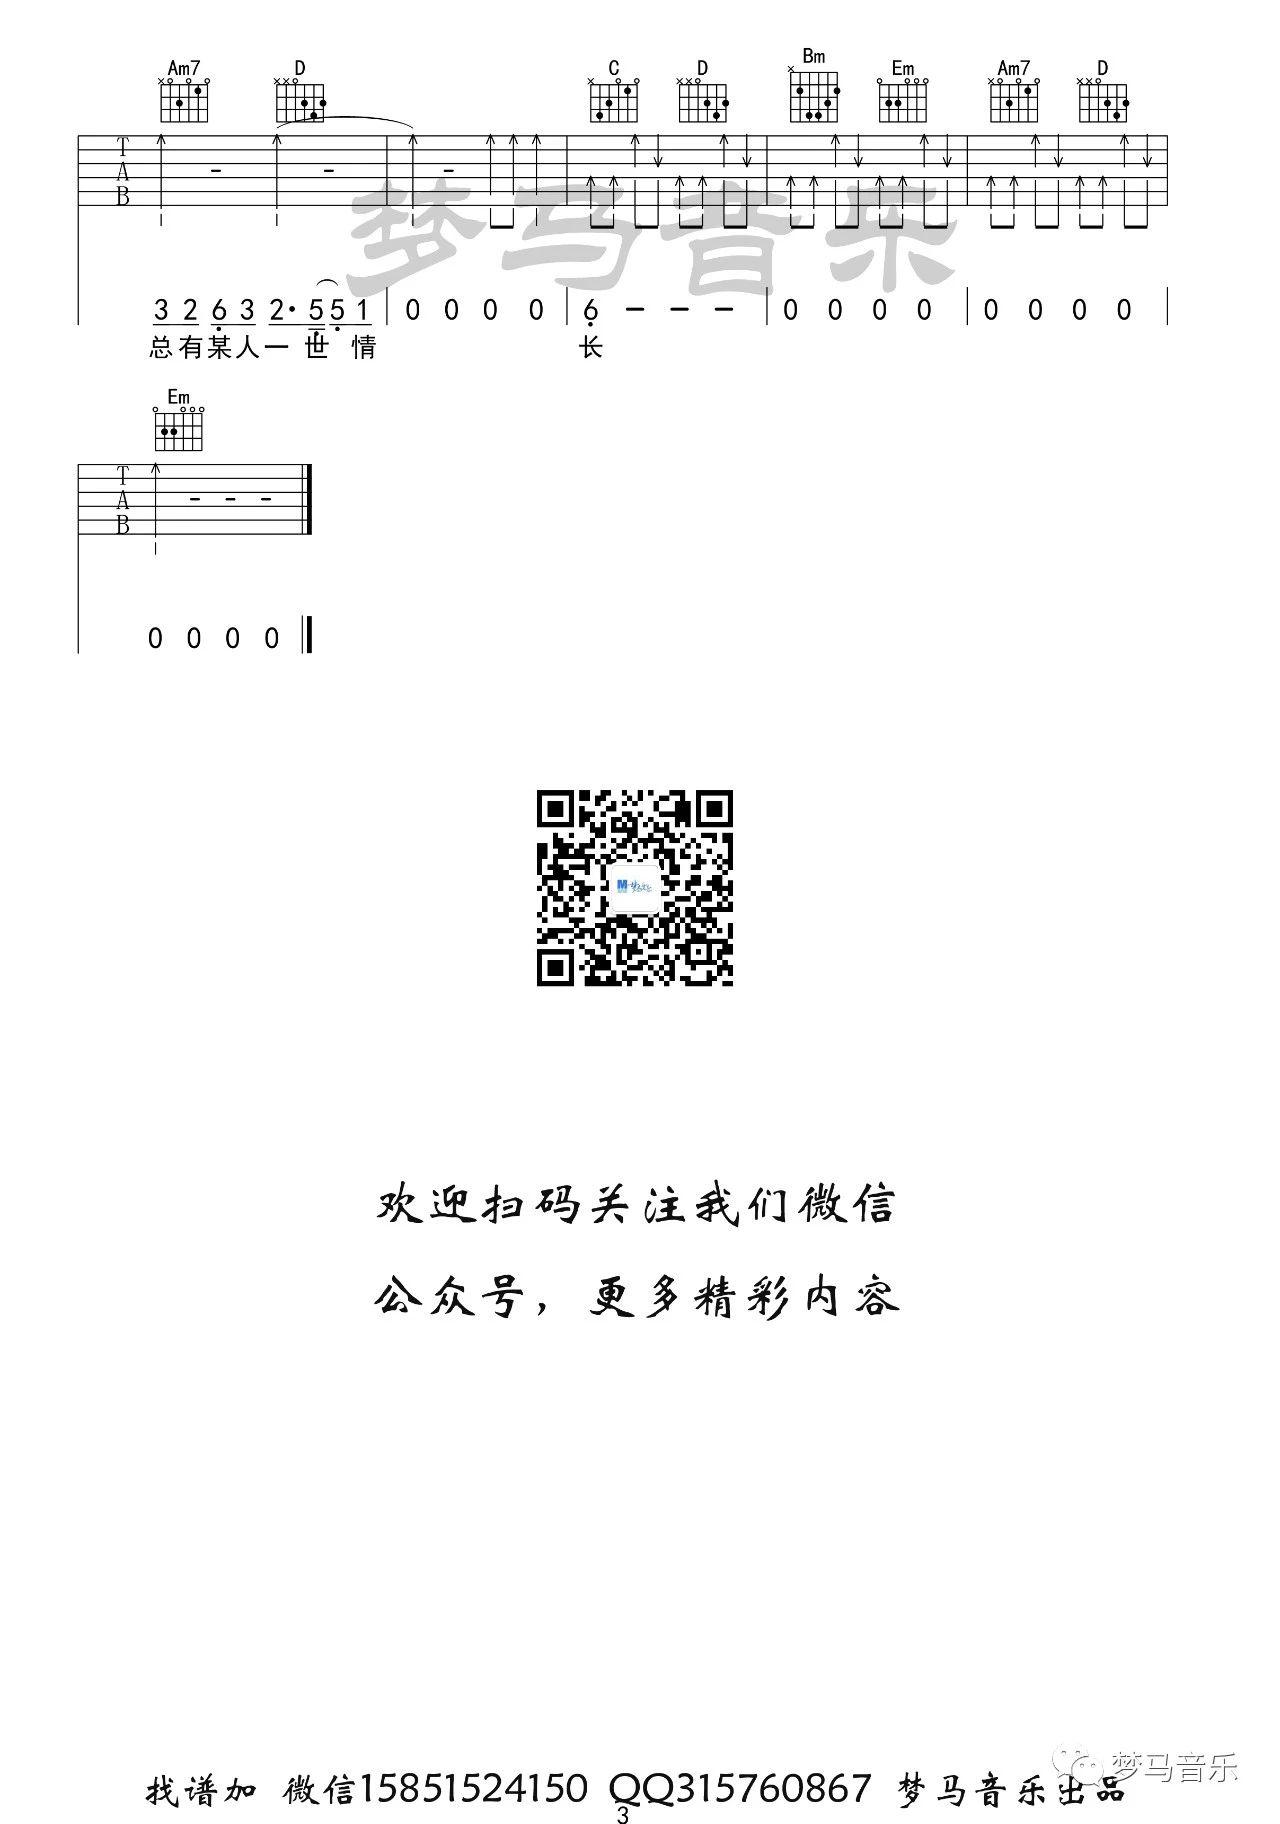 吉他派-《旧梦一场》吉他谱-3